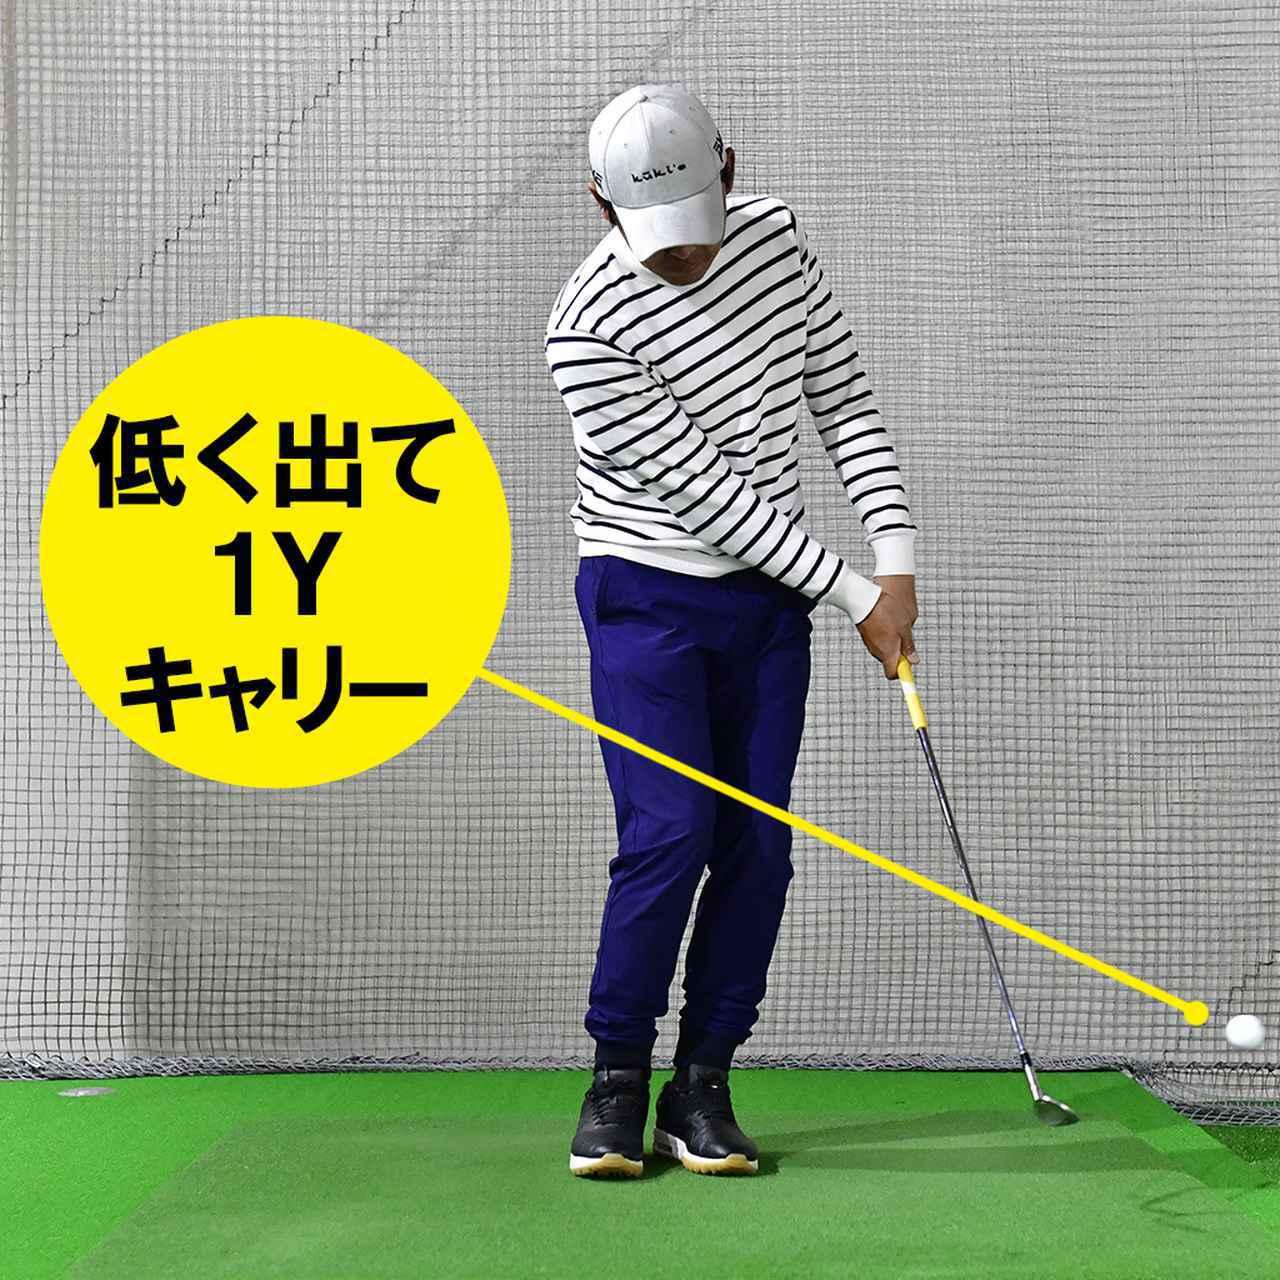 画像5: 【自宅練習】コロナ&梅雨の今こそ、自宅でスウィング作り。キャリー1㍎のショット練習